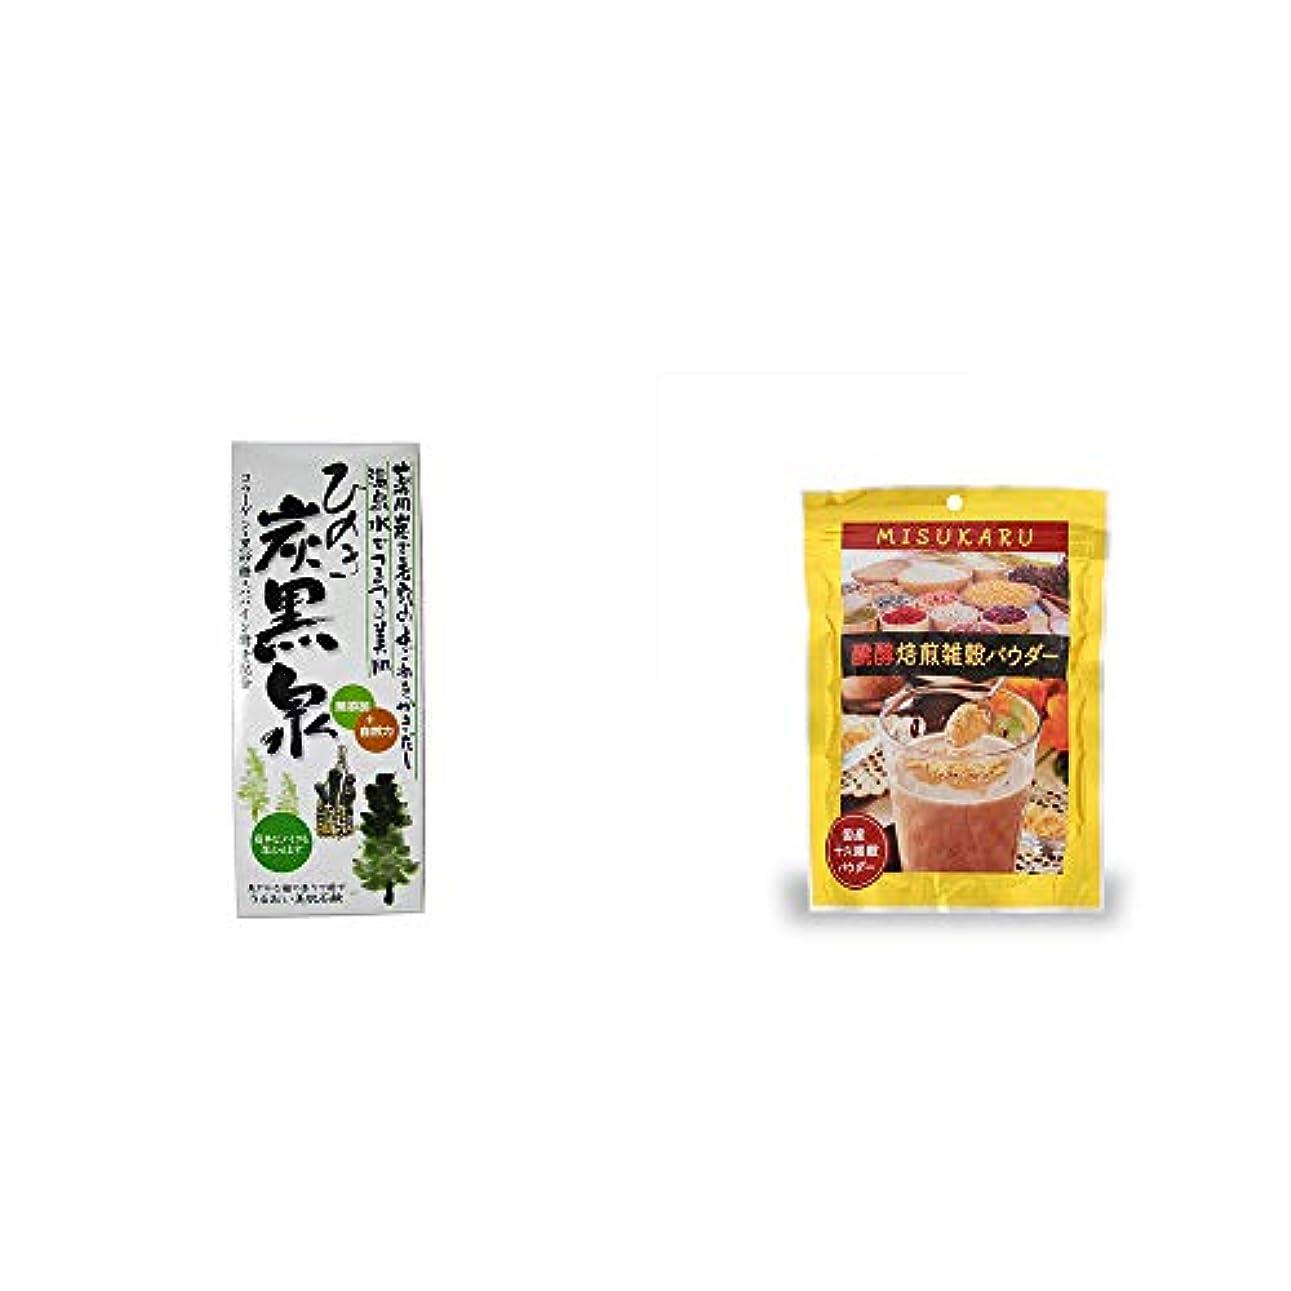 促進する外出不和[2点セット] ひのき炭黒泉 箱入り(75g×3)?醗酵焙煎雑穀パウダー MISUKARU(ミスカル)(200g)